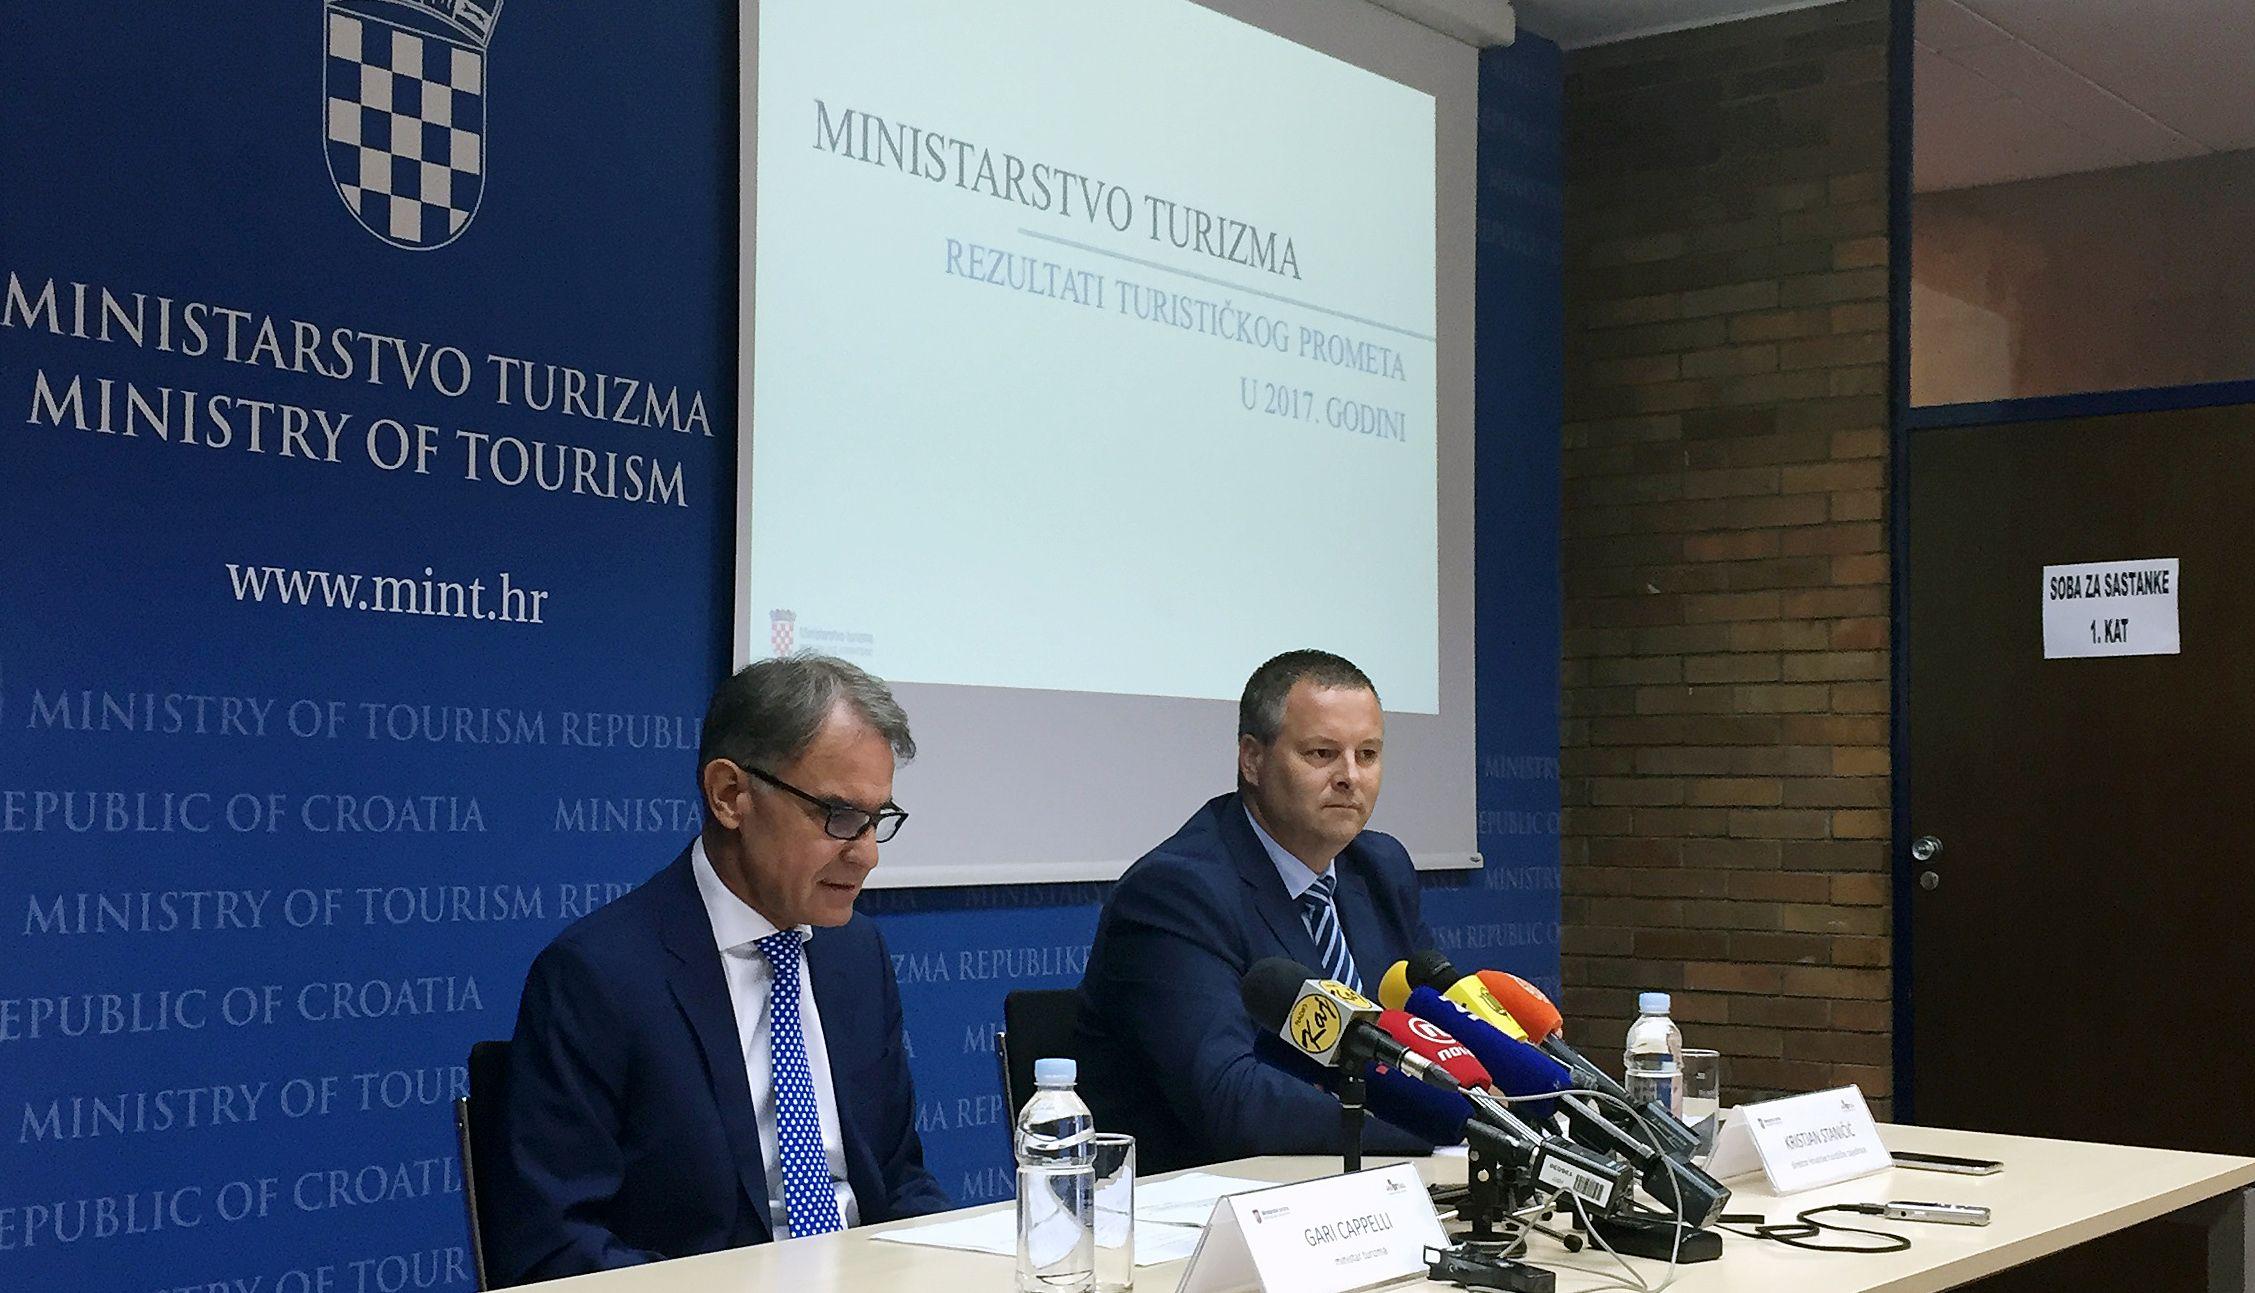 CAPPELLI 'Rekordni turistički rezultati u osam mjeseci; prihod će premašiti lanjskih 10 milijardi eura'